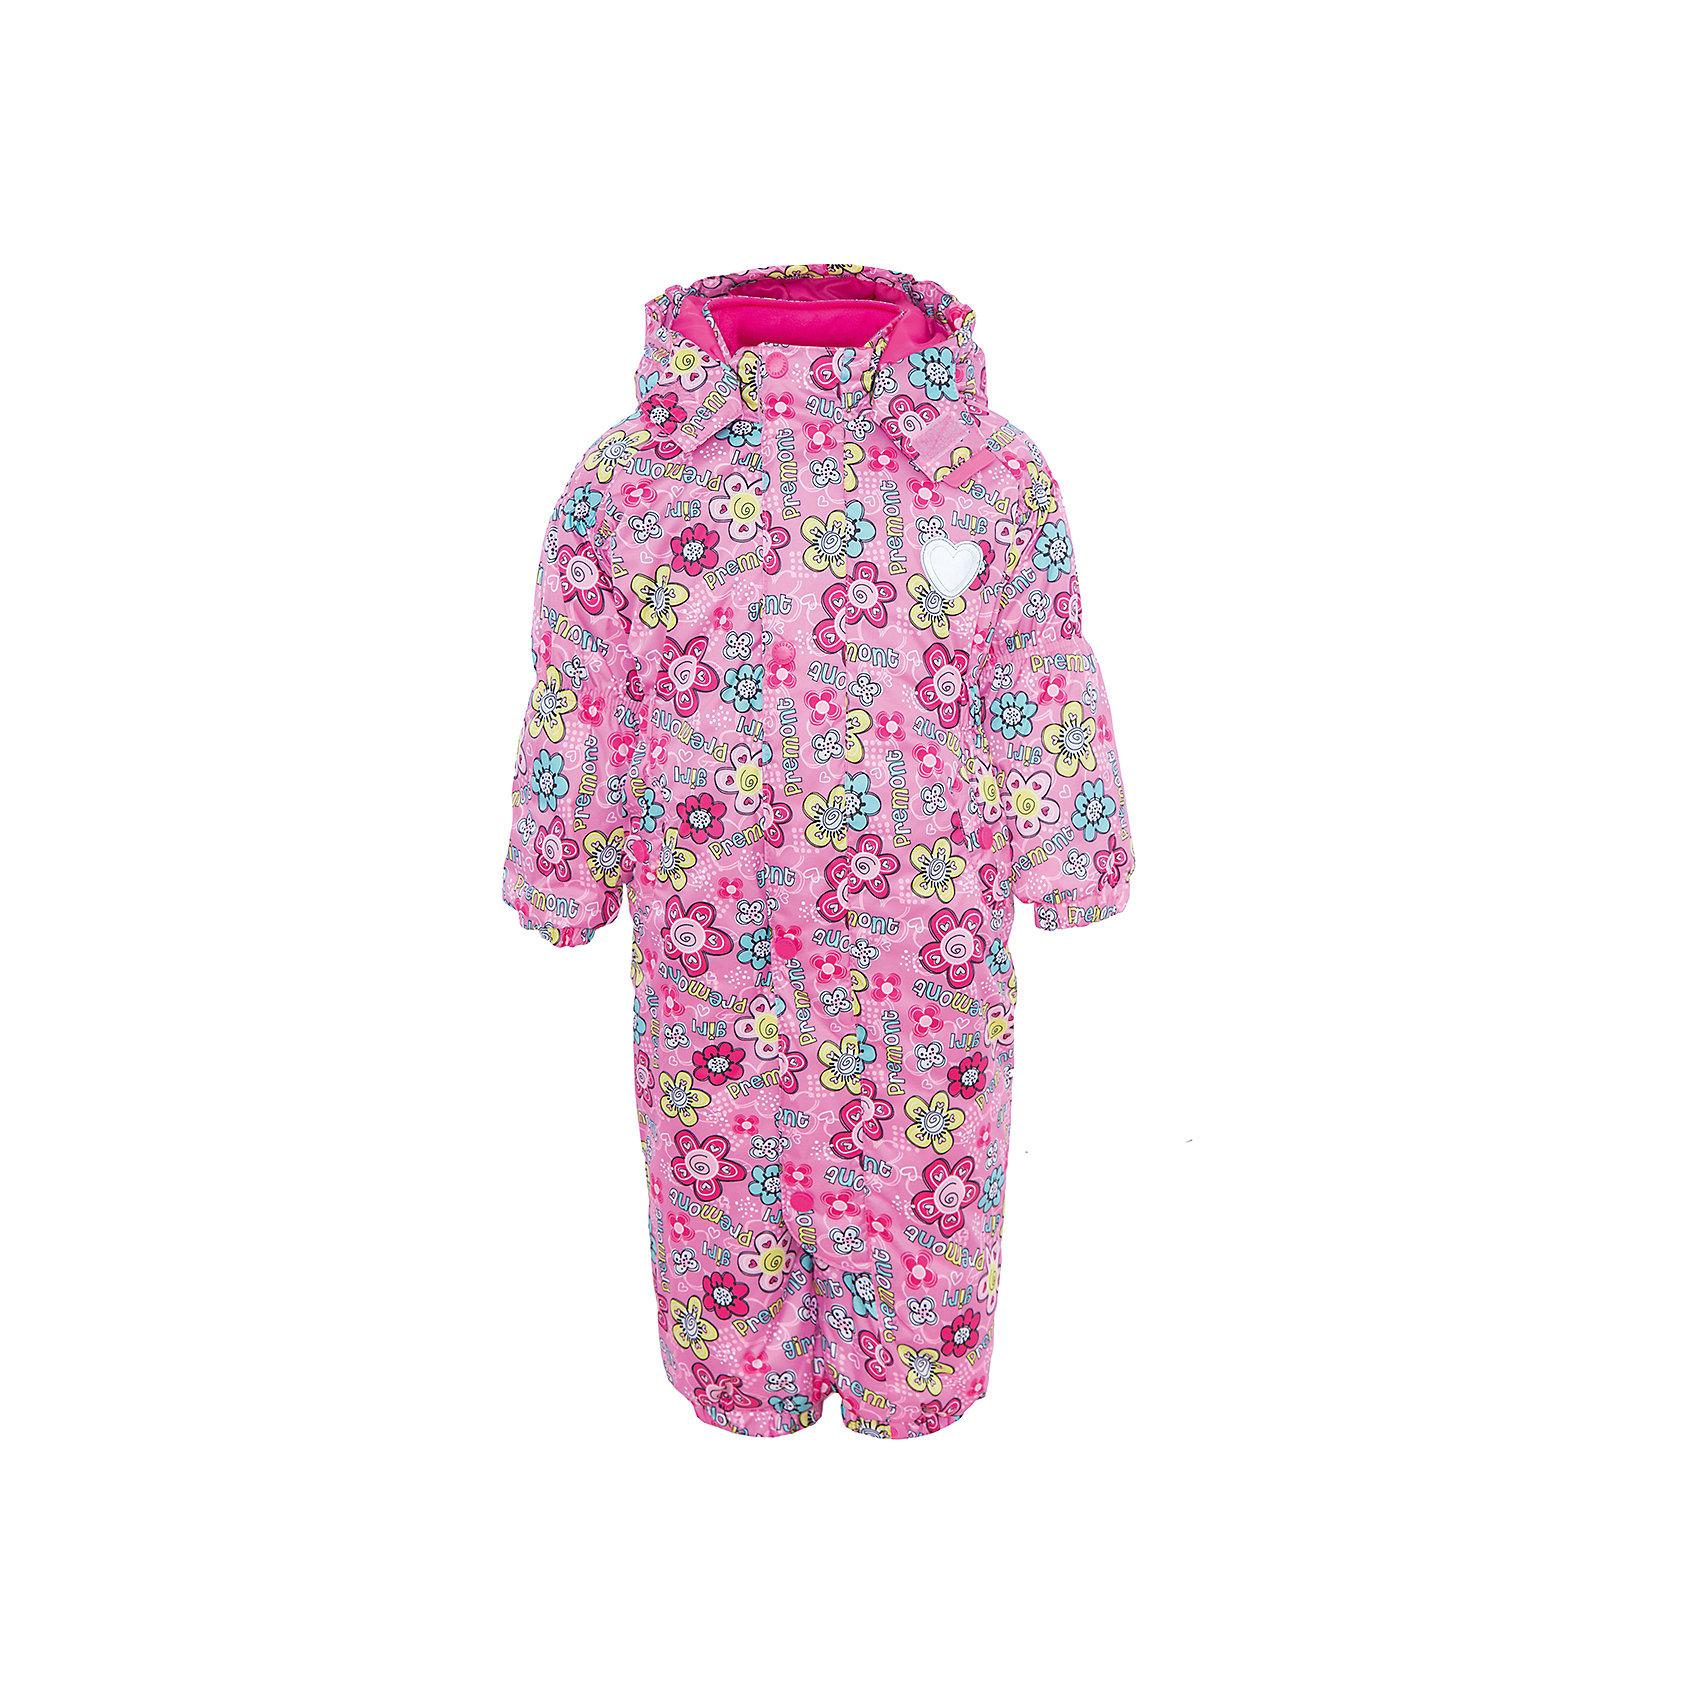 Комбинезон для девочки PremontВерхняя одежда<br>Характеристики товара:<br><br>• цвет: розовый<br>• состав: мембрана 3000мм/3000г/м2/24h<br>• подкладка: трикотаж, Taffeta в капюшоне и рукавах<br>• утеплитель - Tech-polyfill (120г/м2)<br>• светоотражающие элементы<br>• температурный режим: от -5°С до +10°С<br>• застежка - молния<br>• капюшон съемный с утяжкой<br>• принт<br>• ветронепроницаемый, водо- и грязеотталкивающий и дышащий материал<br>• эластичные манжеты<br>• комфортная посадка<br>• страна бренда: Канада<br><br>Демисезонный комбинезон - универсальный вариант и для прохладной осени, и для первых заморозков. Эта модель - модная и удобная одновременно! Комбинезон отличается стильным ярким дизайном. Комплект хорошо сидит по фигуре, отлично сочетается с различной обувью. Вещь была разработана специально для детей.<br><br>Одежда от канадского бренда Premont уже завоевала популярностью у многих детей и их родителей. Вещи, выпускаемые компанией, качественные, продуманные и очень удобные. Для производства коллекций используются только безопасные для детей материалы.<br><br>Комбинезон для девочки от бренда Premont можно купить в нашем интернет-магазине.<br><br>Ширина мм: 356<br>Глубина мм: 10<br>Высота мм: 245<br>Вес г: 519<br>Цвет: розовый<br>Возраст от месяцев: 24<br>Возраст до месяцев: 36<br>Пол: Женский<br>Возраст: Детский<br>Размер: 98,68,74,80,86,92<br>SKU: 5352936